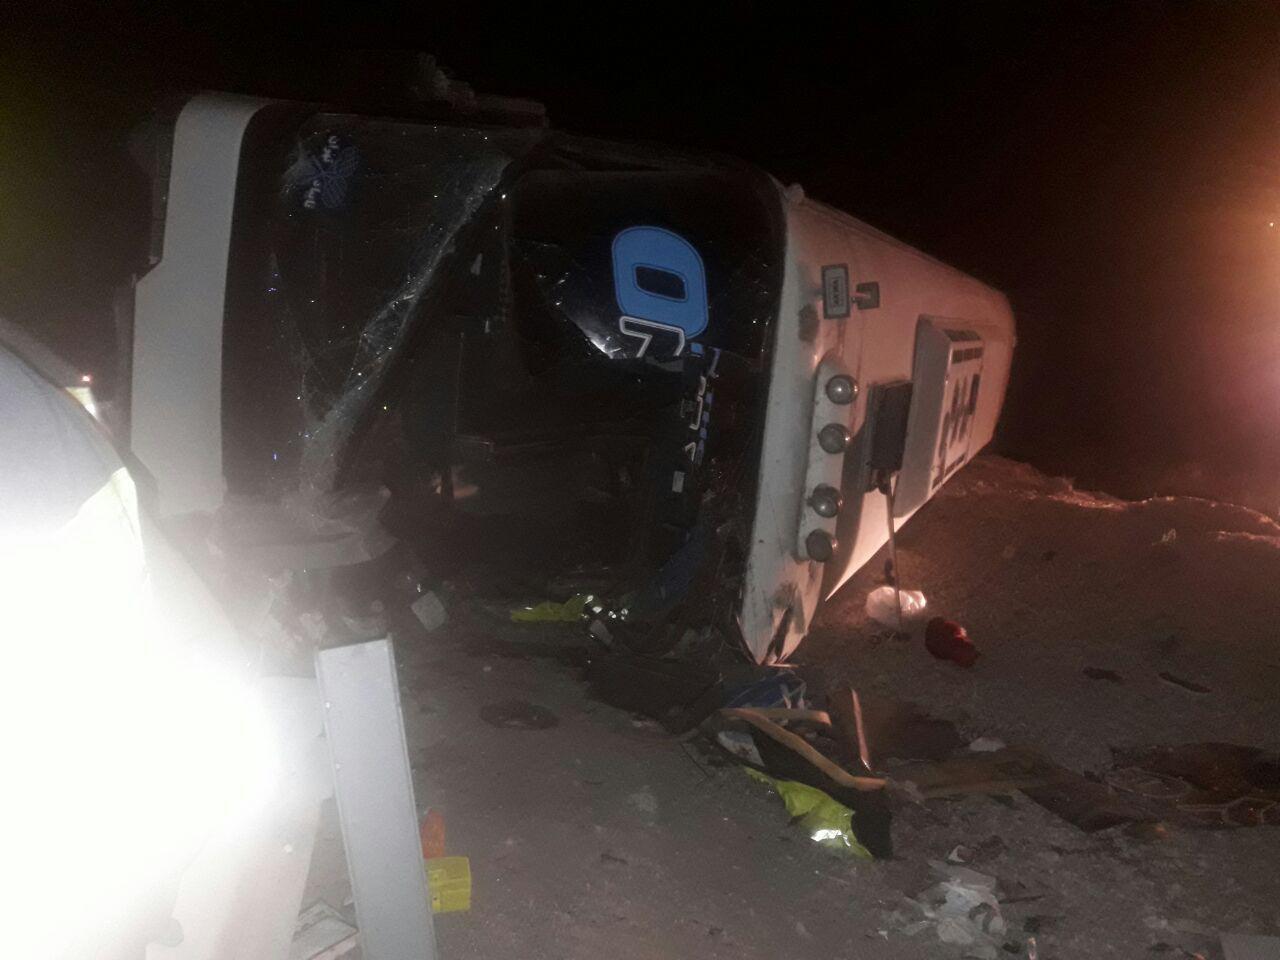 ۳ کشته و ۳۵ مصدوم در واژگونی اتوبوس در شاهرود